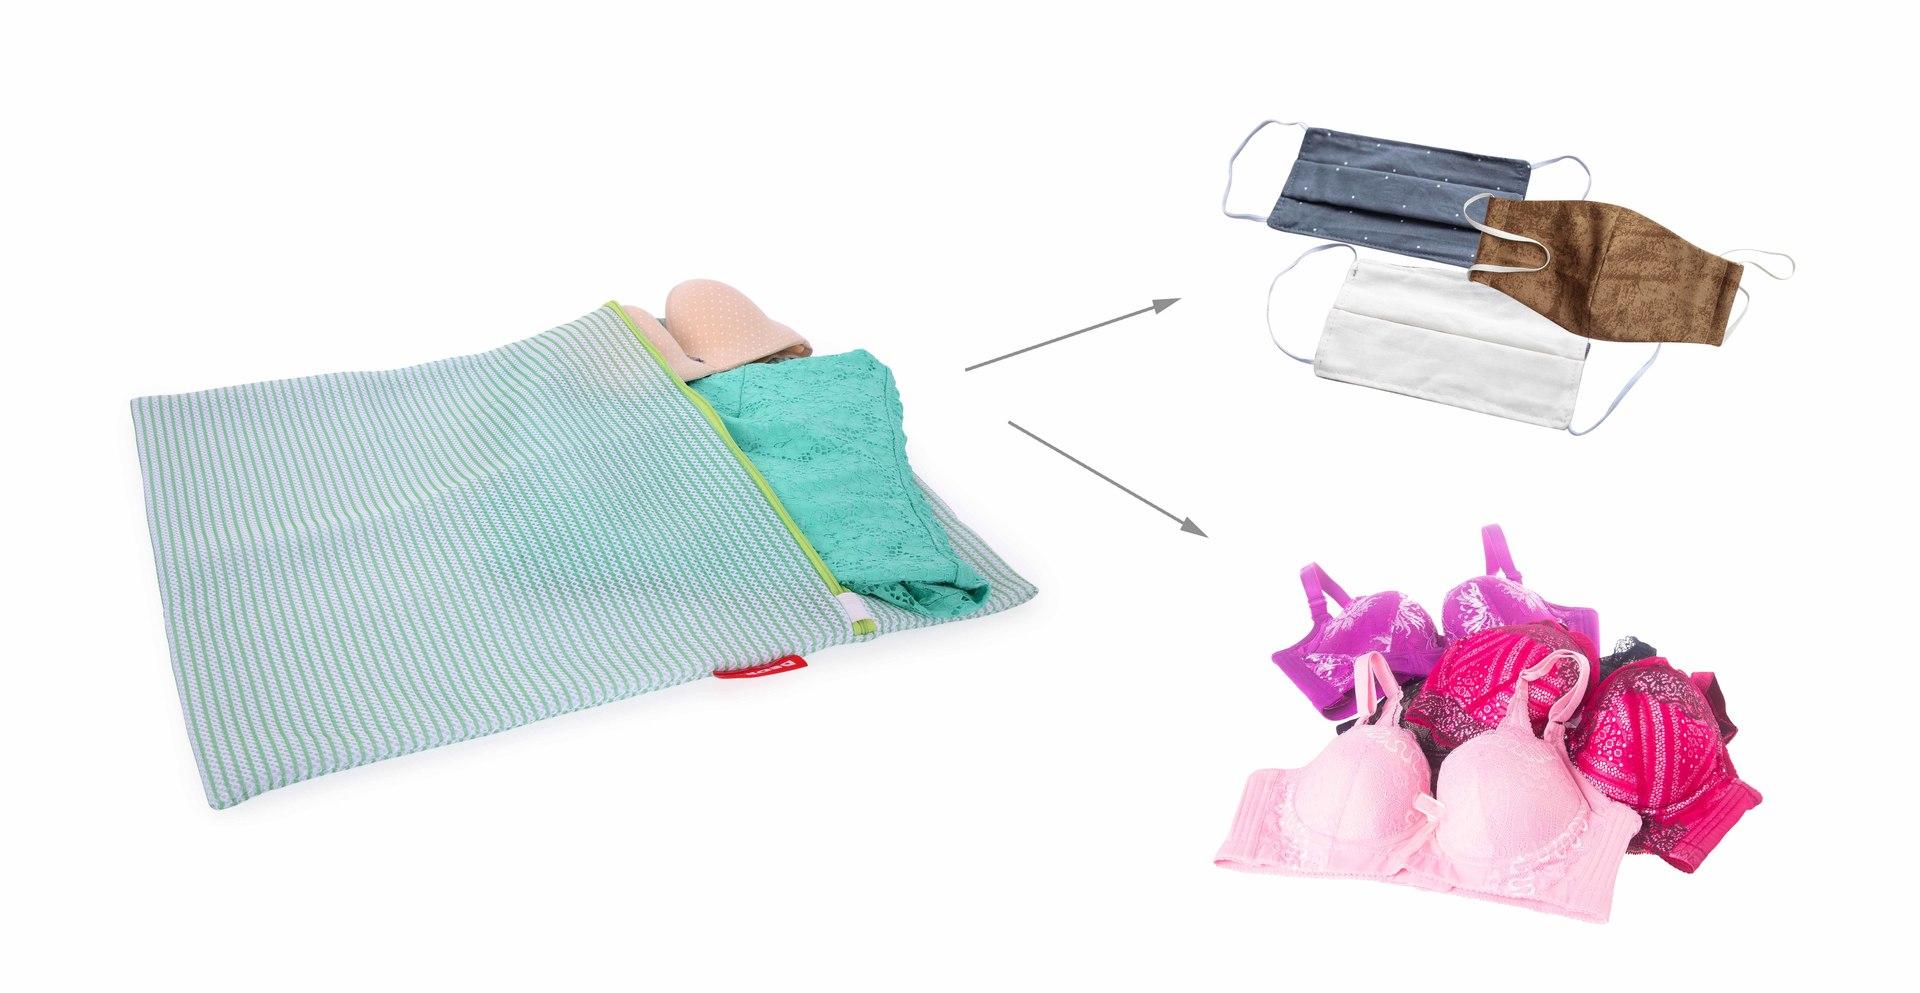 XXL sáček na praní jemného prádla, odolná sendvičová síťovina